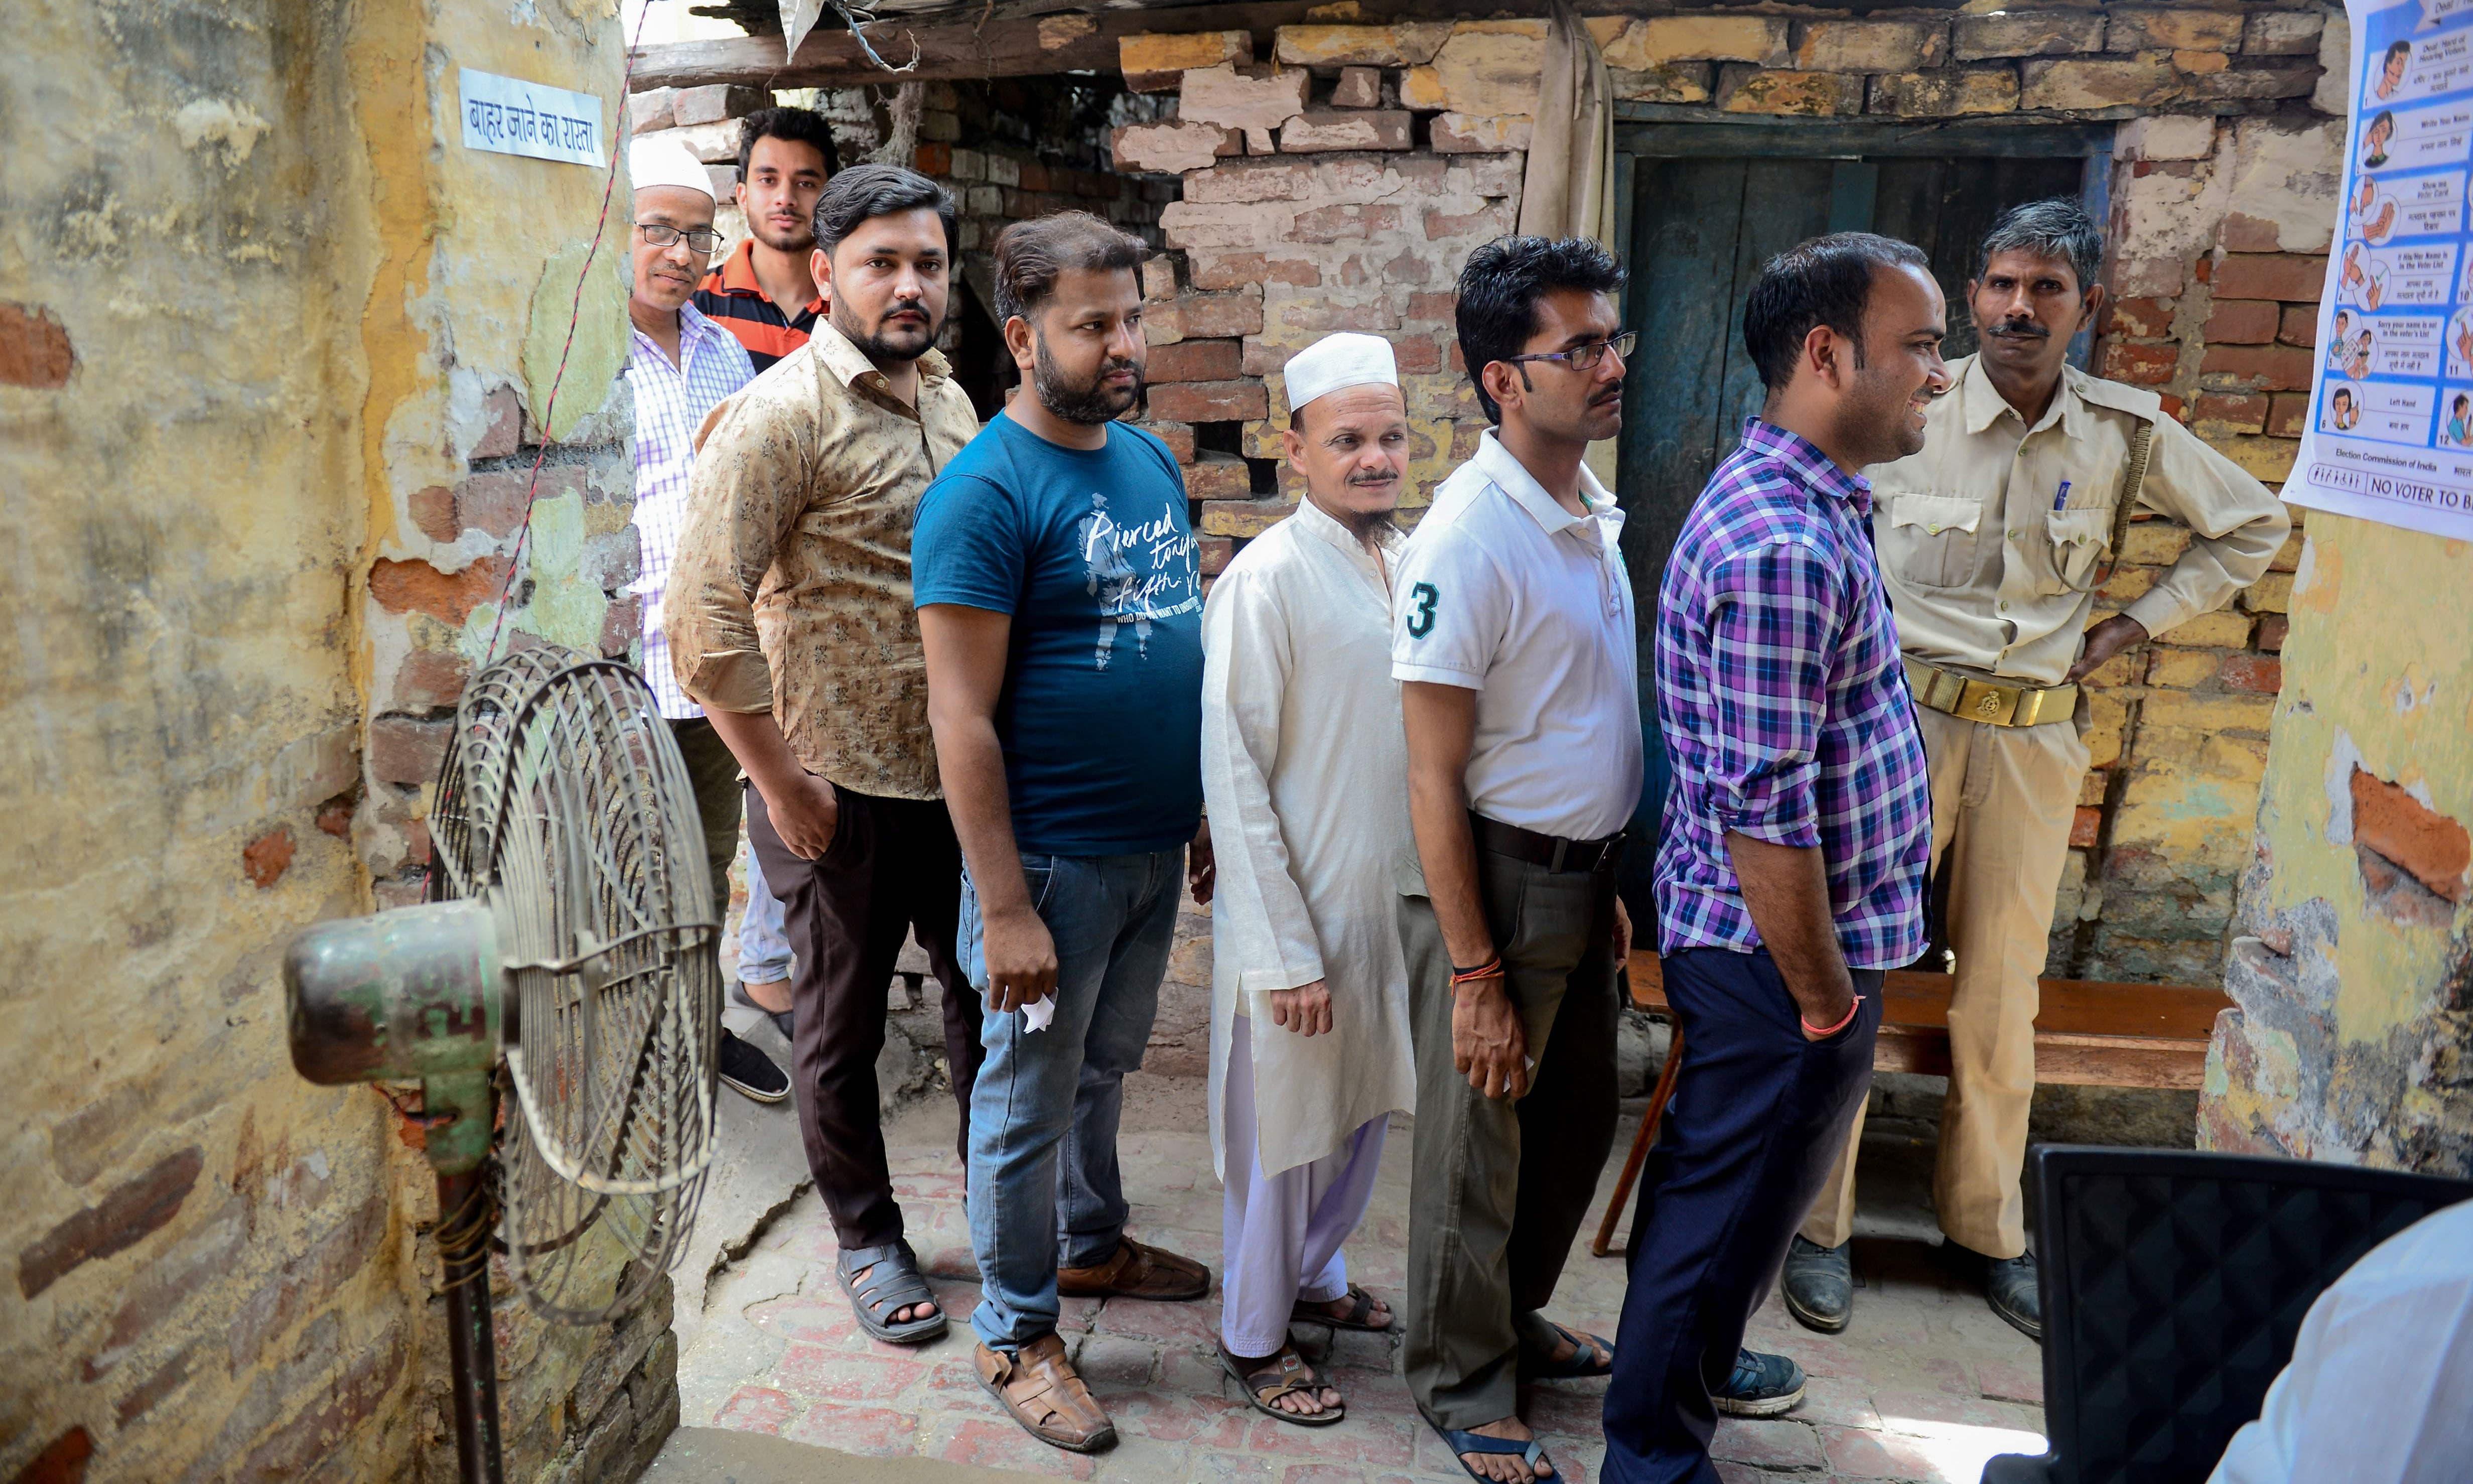 کانپور میں مرد حضرات ووٹ ڈالنے کے لیے قطار میں موجود ہیں —فوٹو/ اے ایف پی